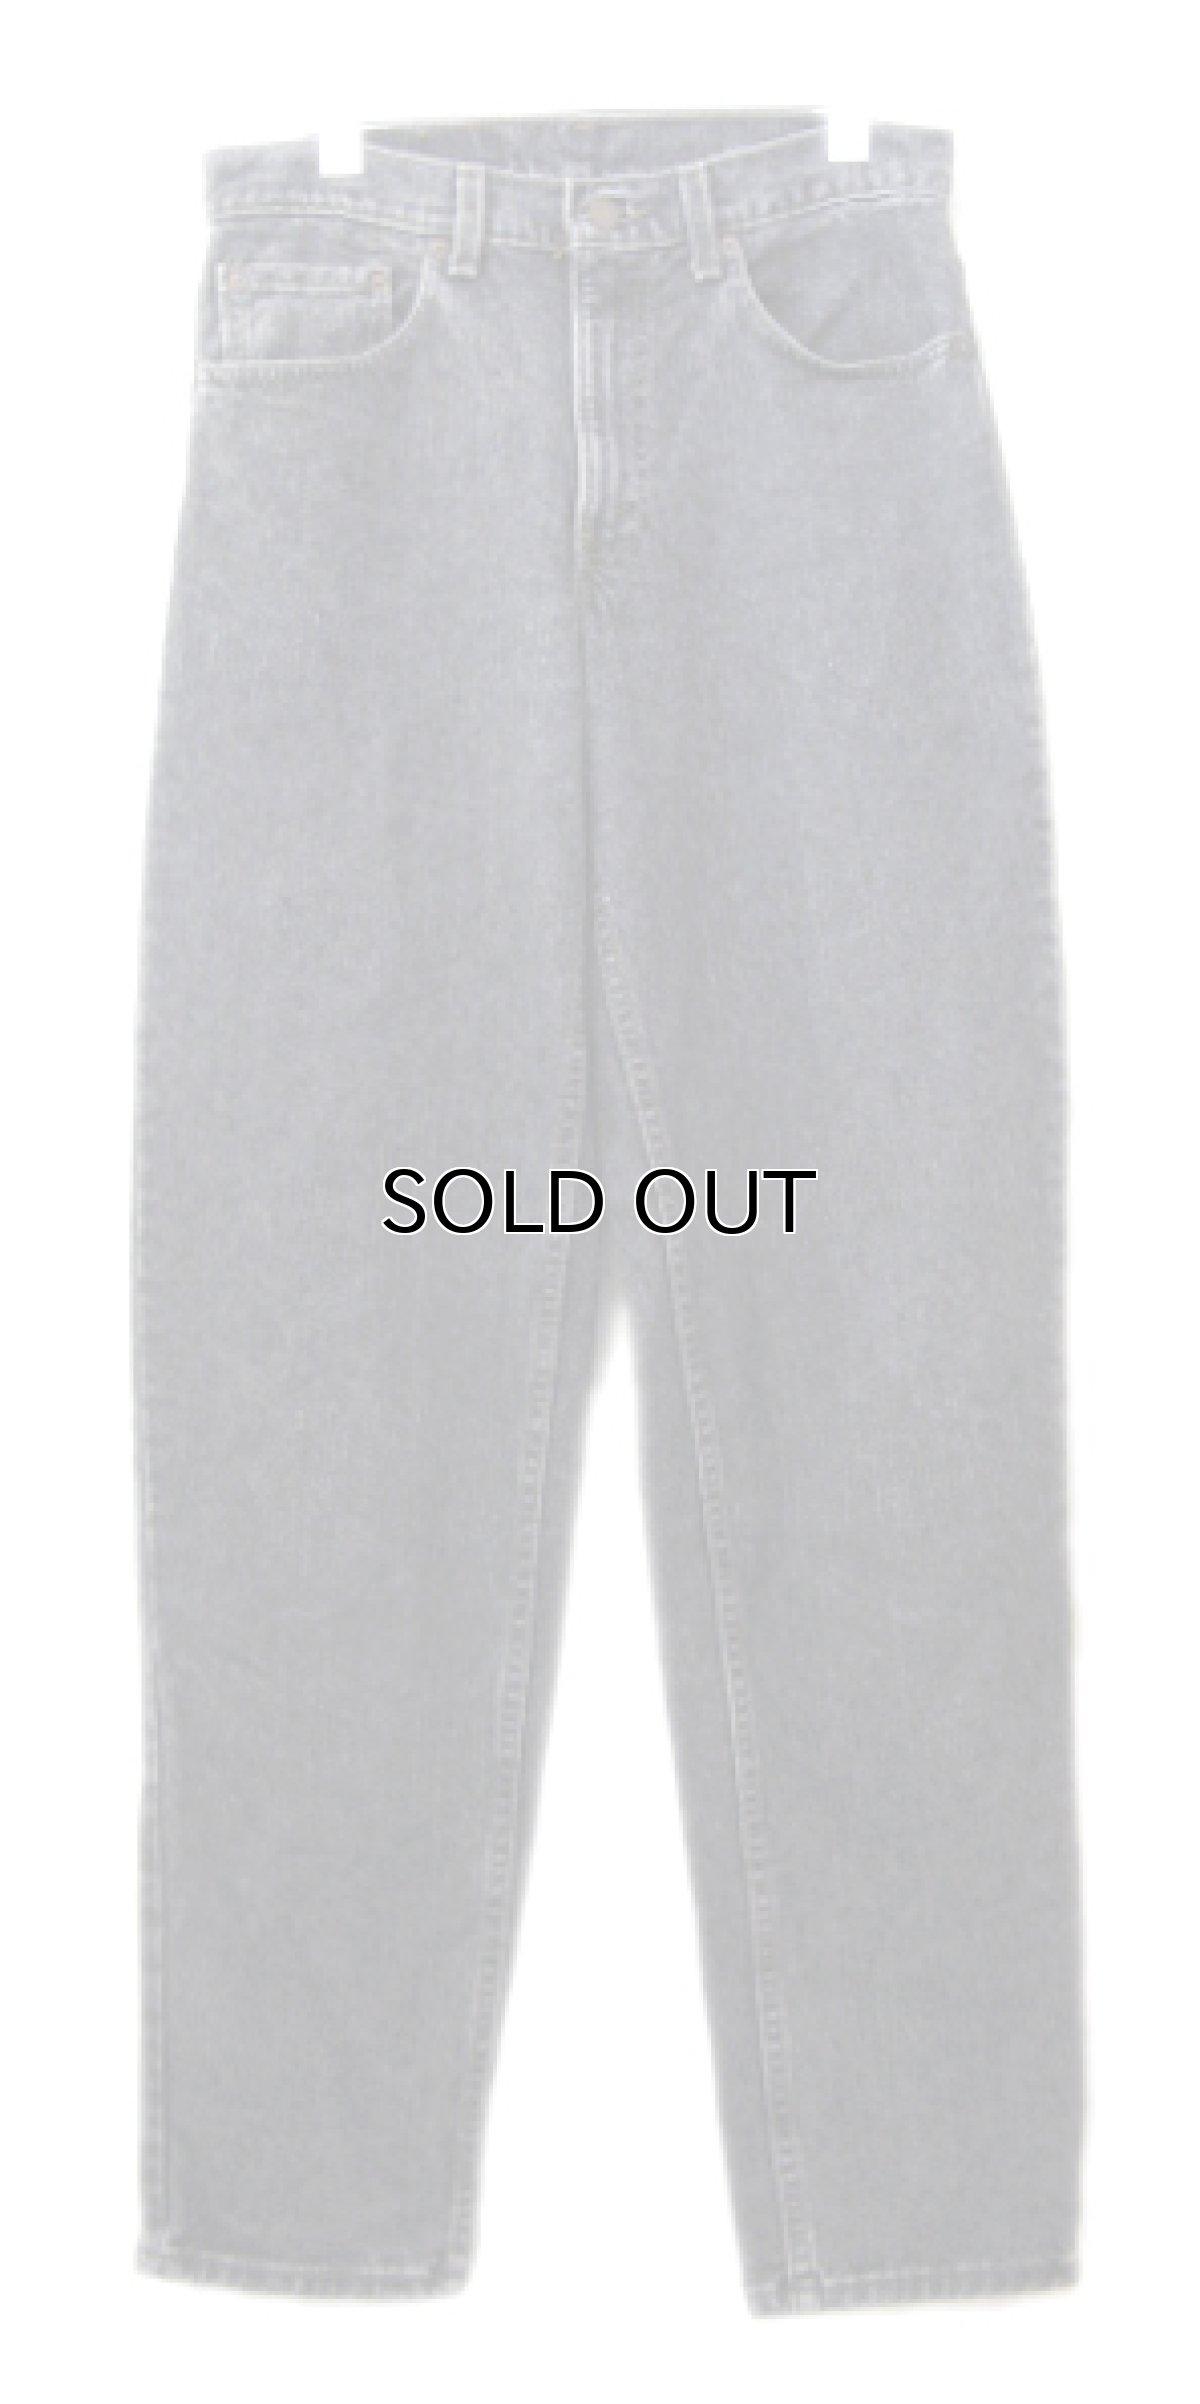 画像1: 1990's Levi's lot : 550 Denim Tapered Pants -made in USA- Black Denim size w 31inch (表記 w 31 x L 32) (1)